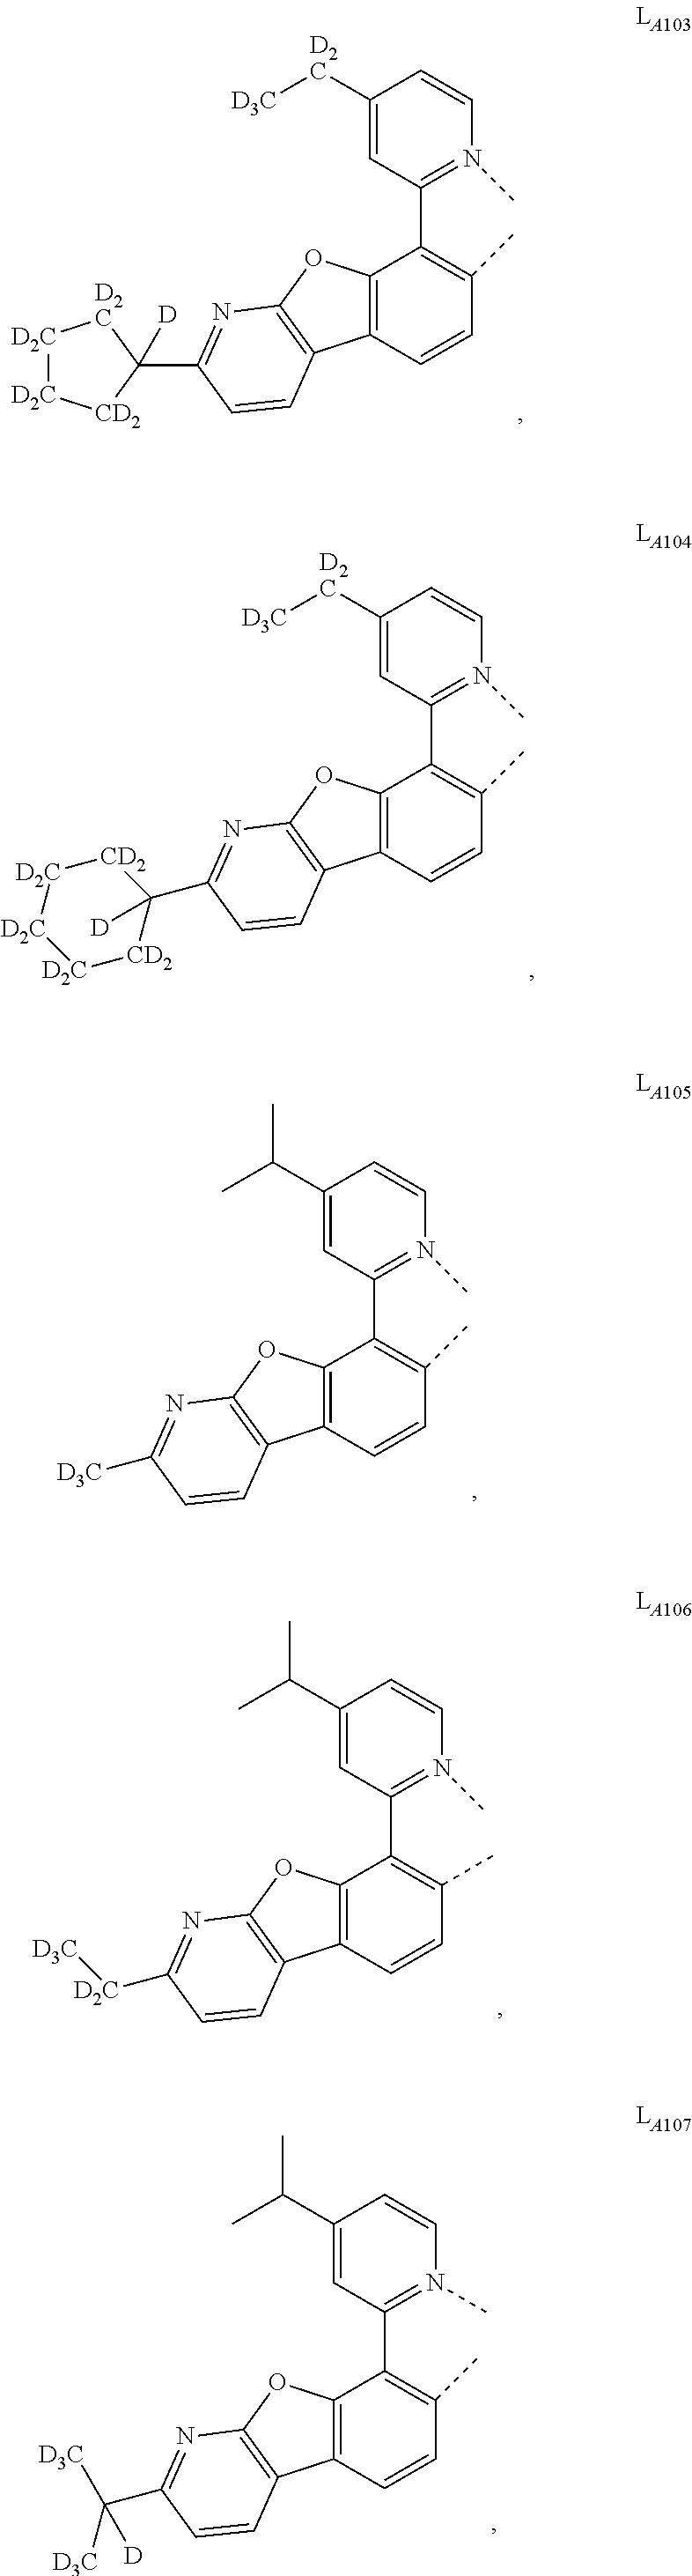 Figure US20160049599A1-20160218-C00031